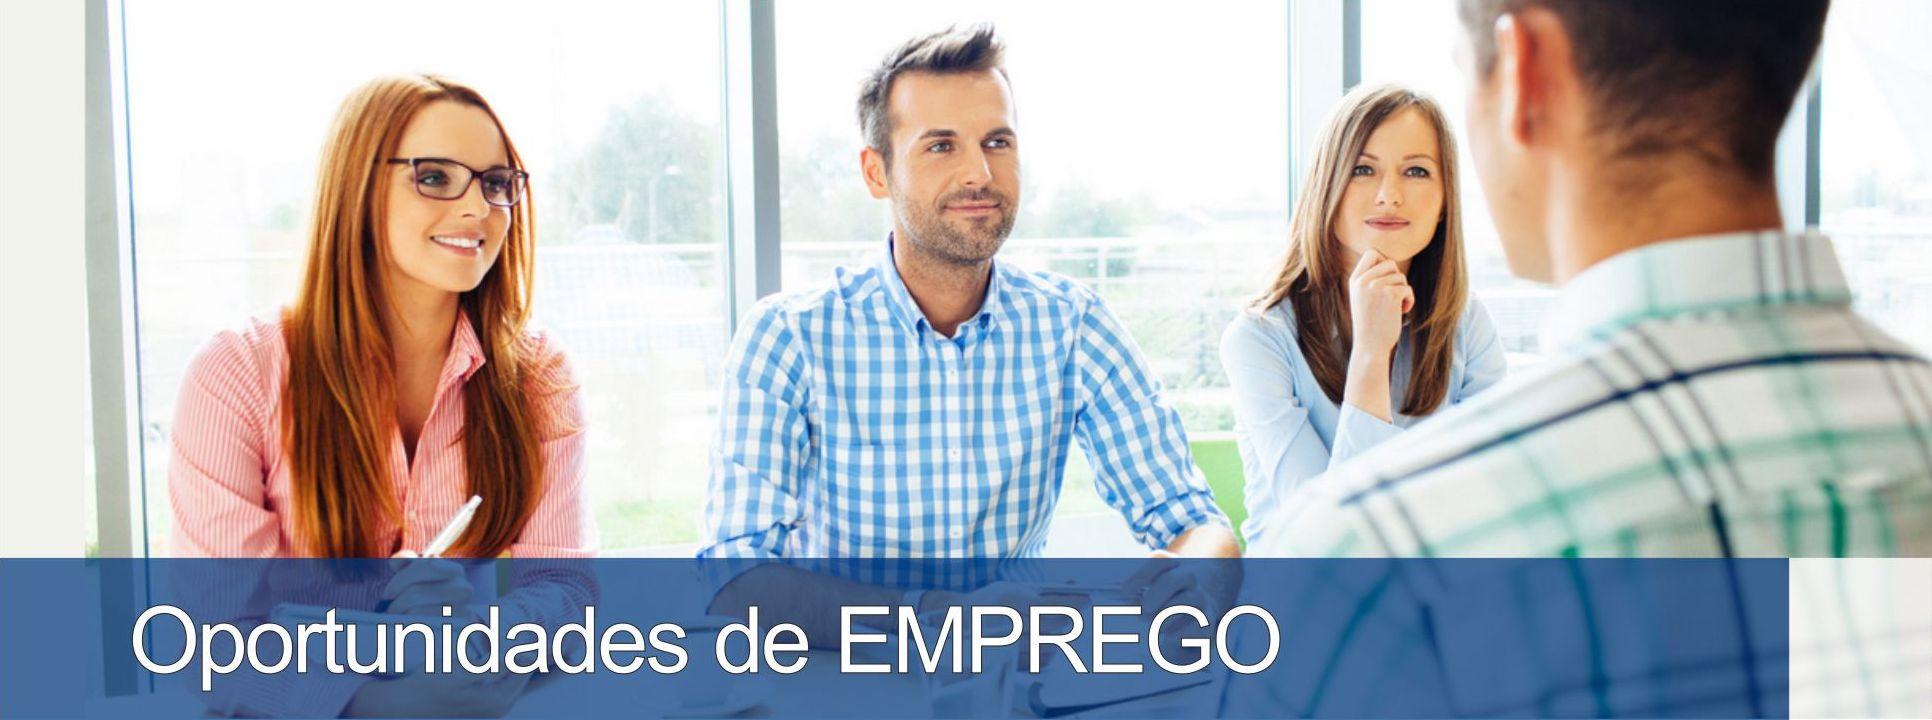 Oportunidades de emprego – Central de Cursos do Brasil. Deixe o seu currículo.